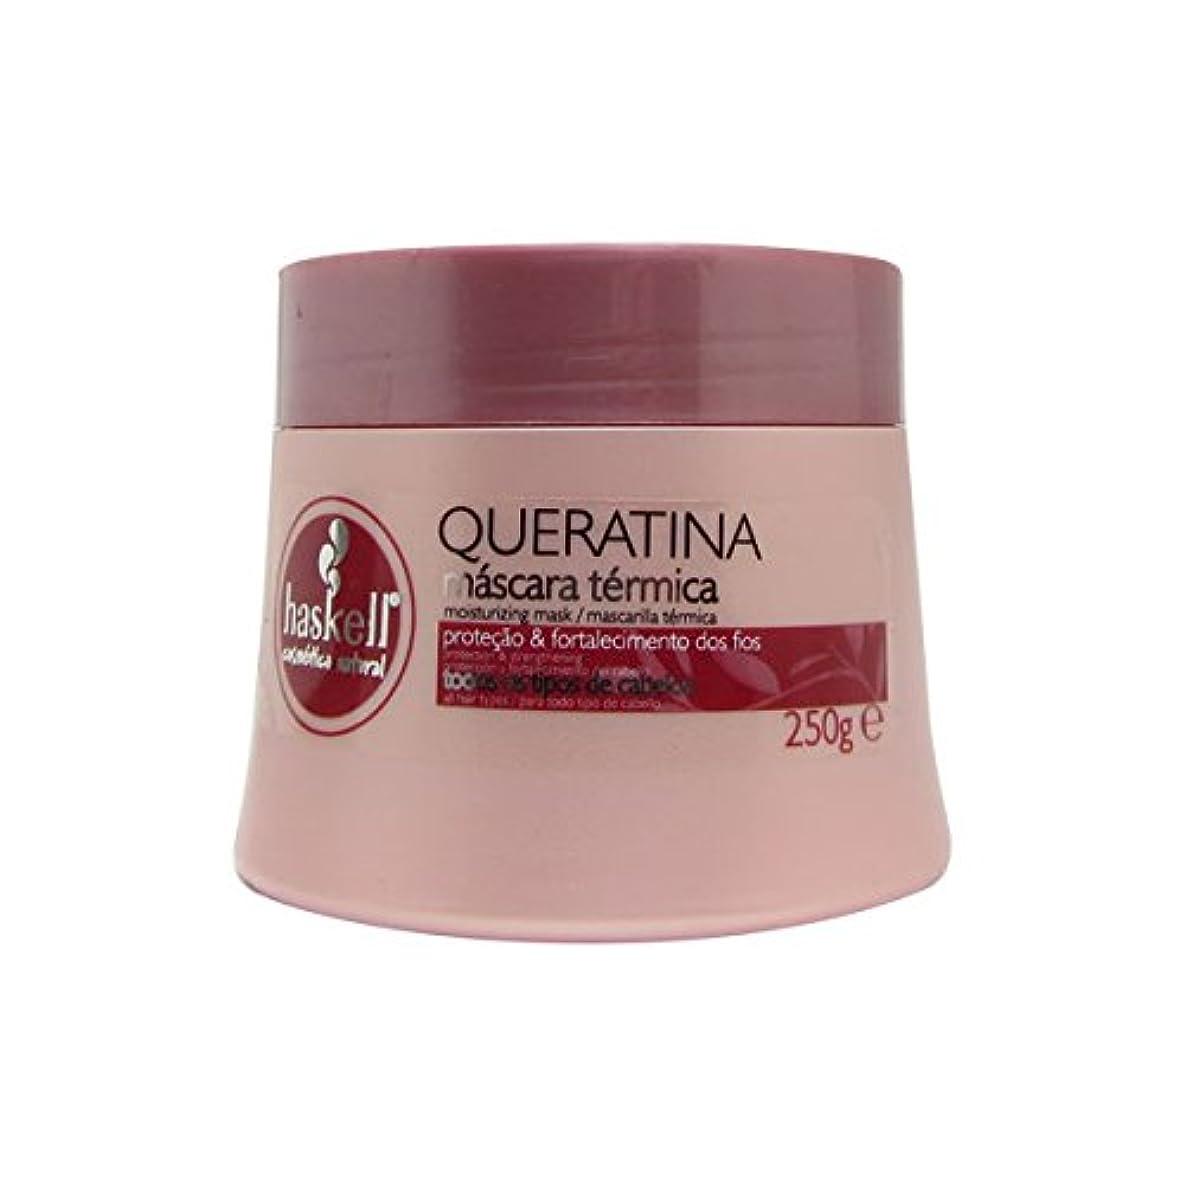 援助する妊娠した不注意Haskell Queratina Hair Mask 250g [並行輸入品]